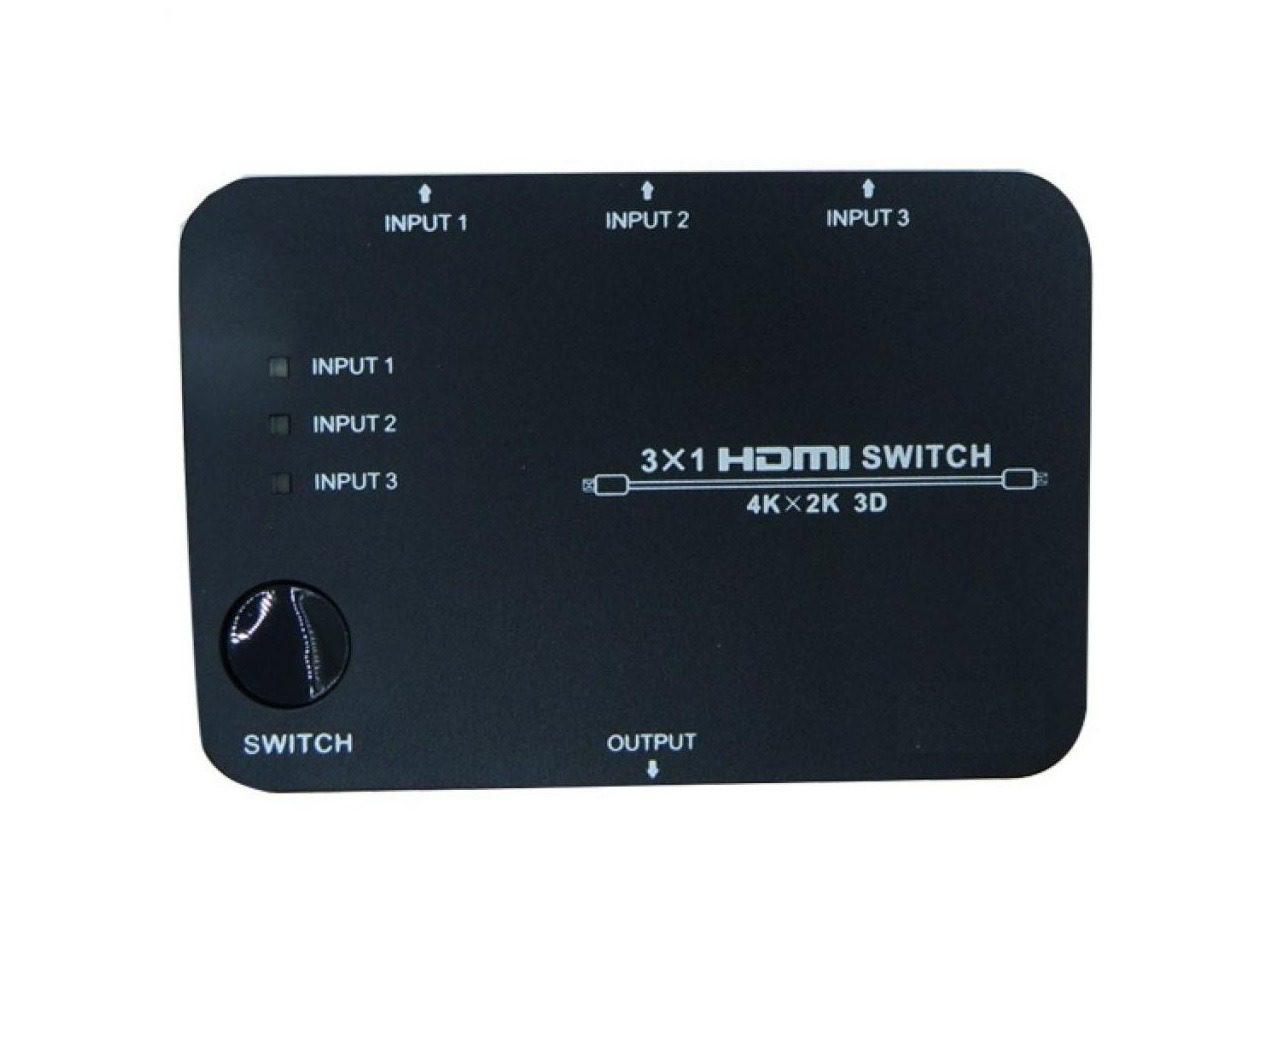 سوییچ ۱ به ۳ HDMI فرانت مدل FN-S153